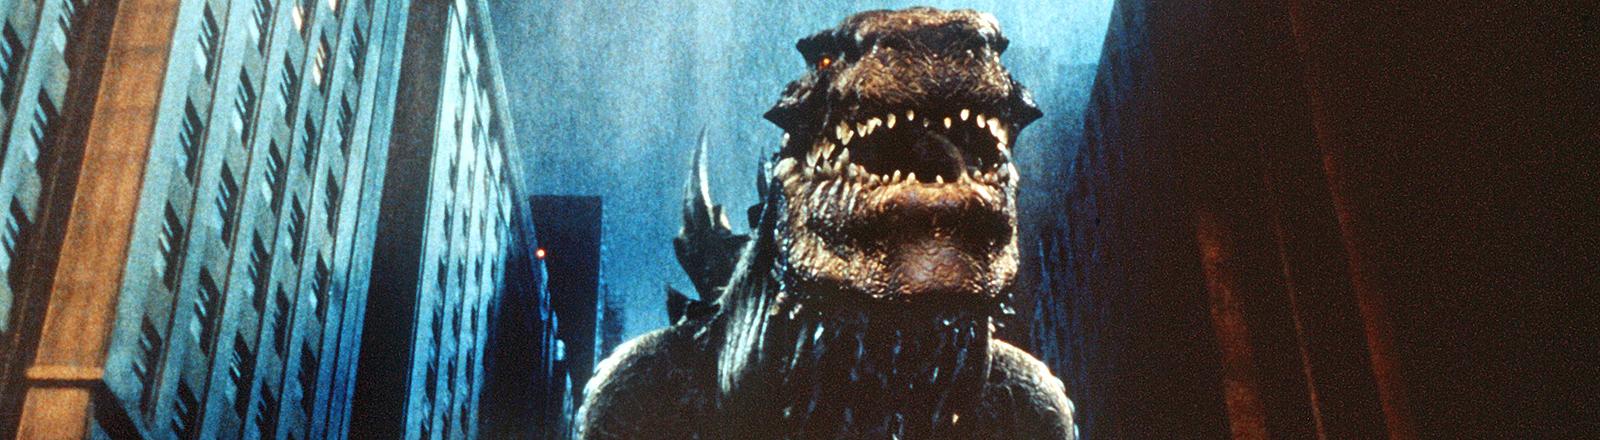 """Godzilla stapft durch New York - Szene aus der Neuverfilmung von """"Godzilla"""", dem neuen Hollywood-Film von Roland Emmerich."""